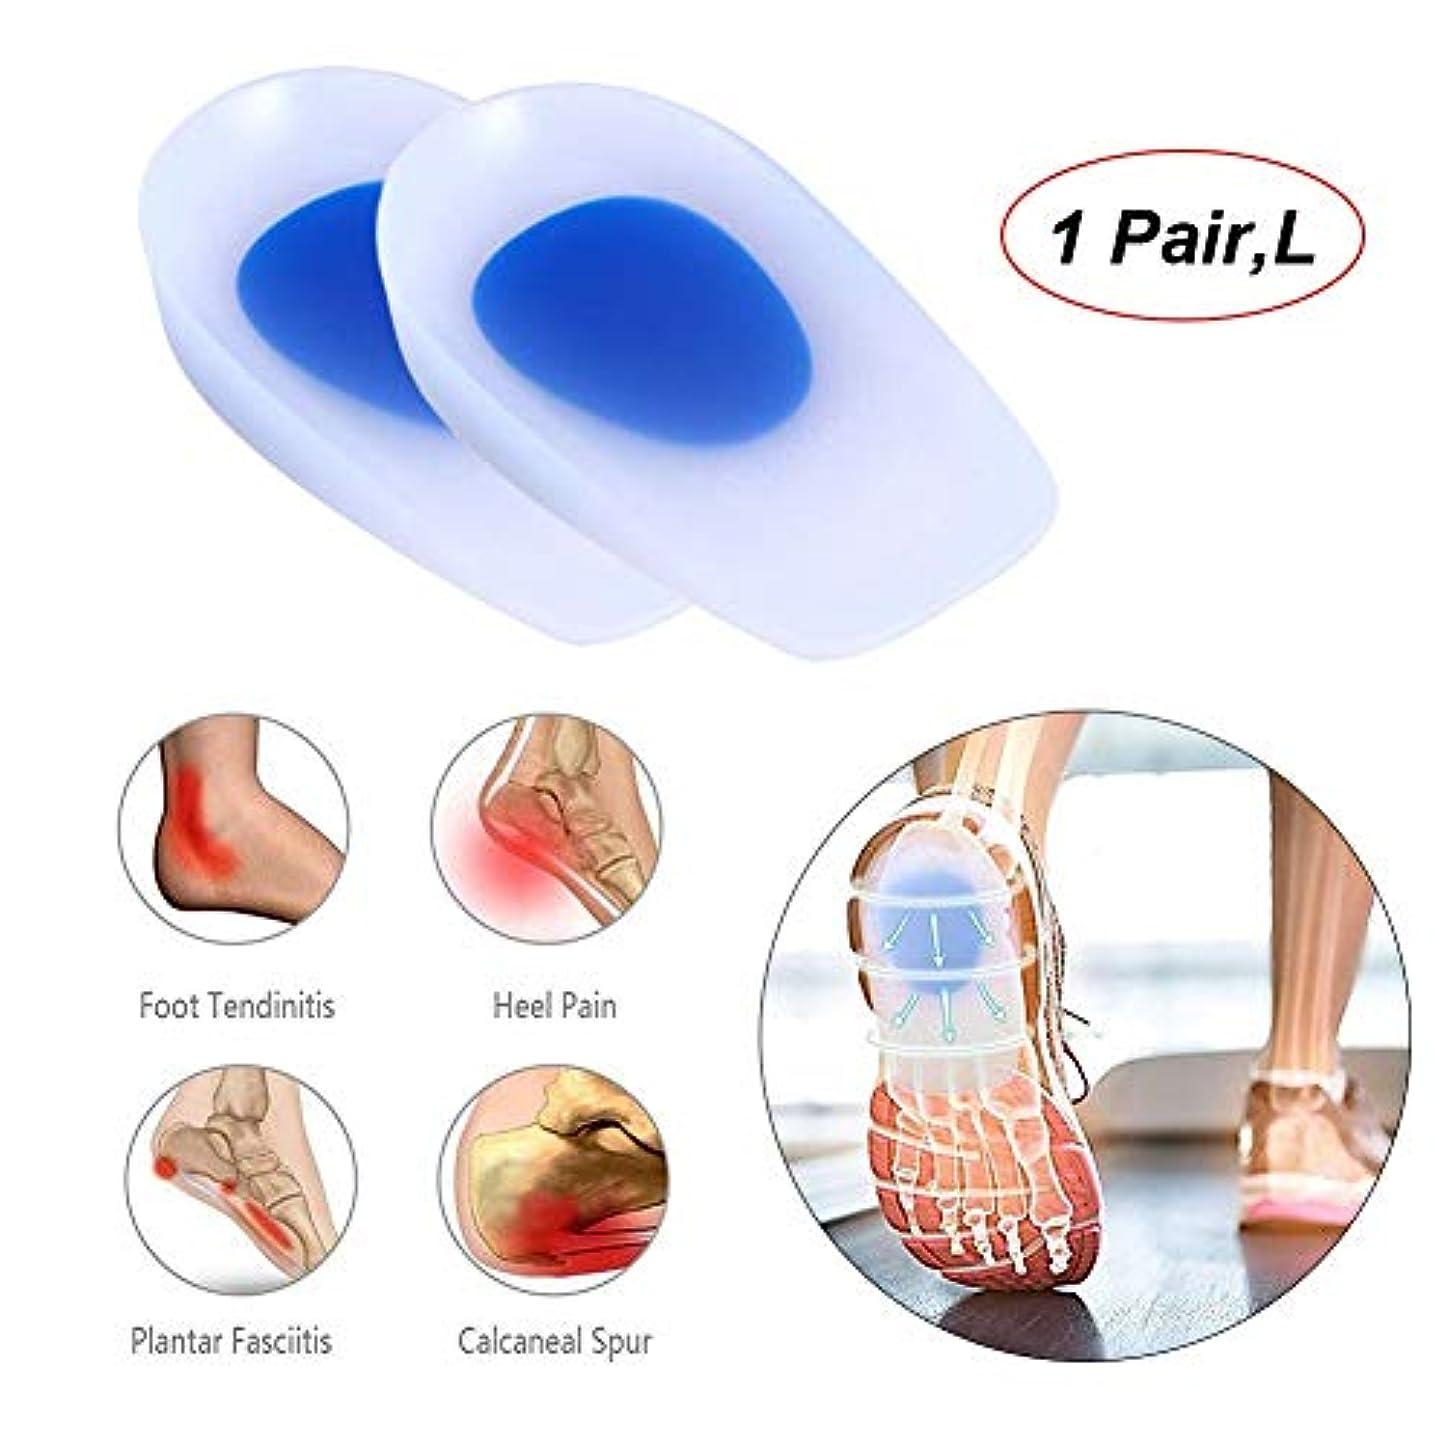 アラームぶどうスクラブ足底筋膜炎インサート、ヒールカップ、ヒールヒールパッドに最適なジェルヒールパッドクッション、アキレス腱炎、男性と女性用、1ペアL